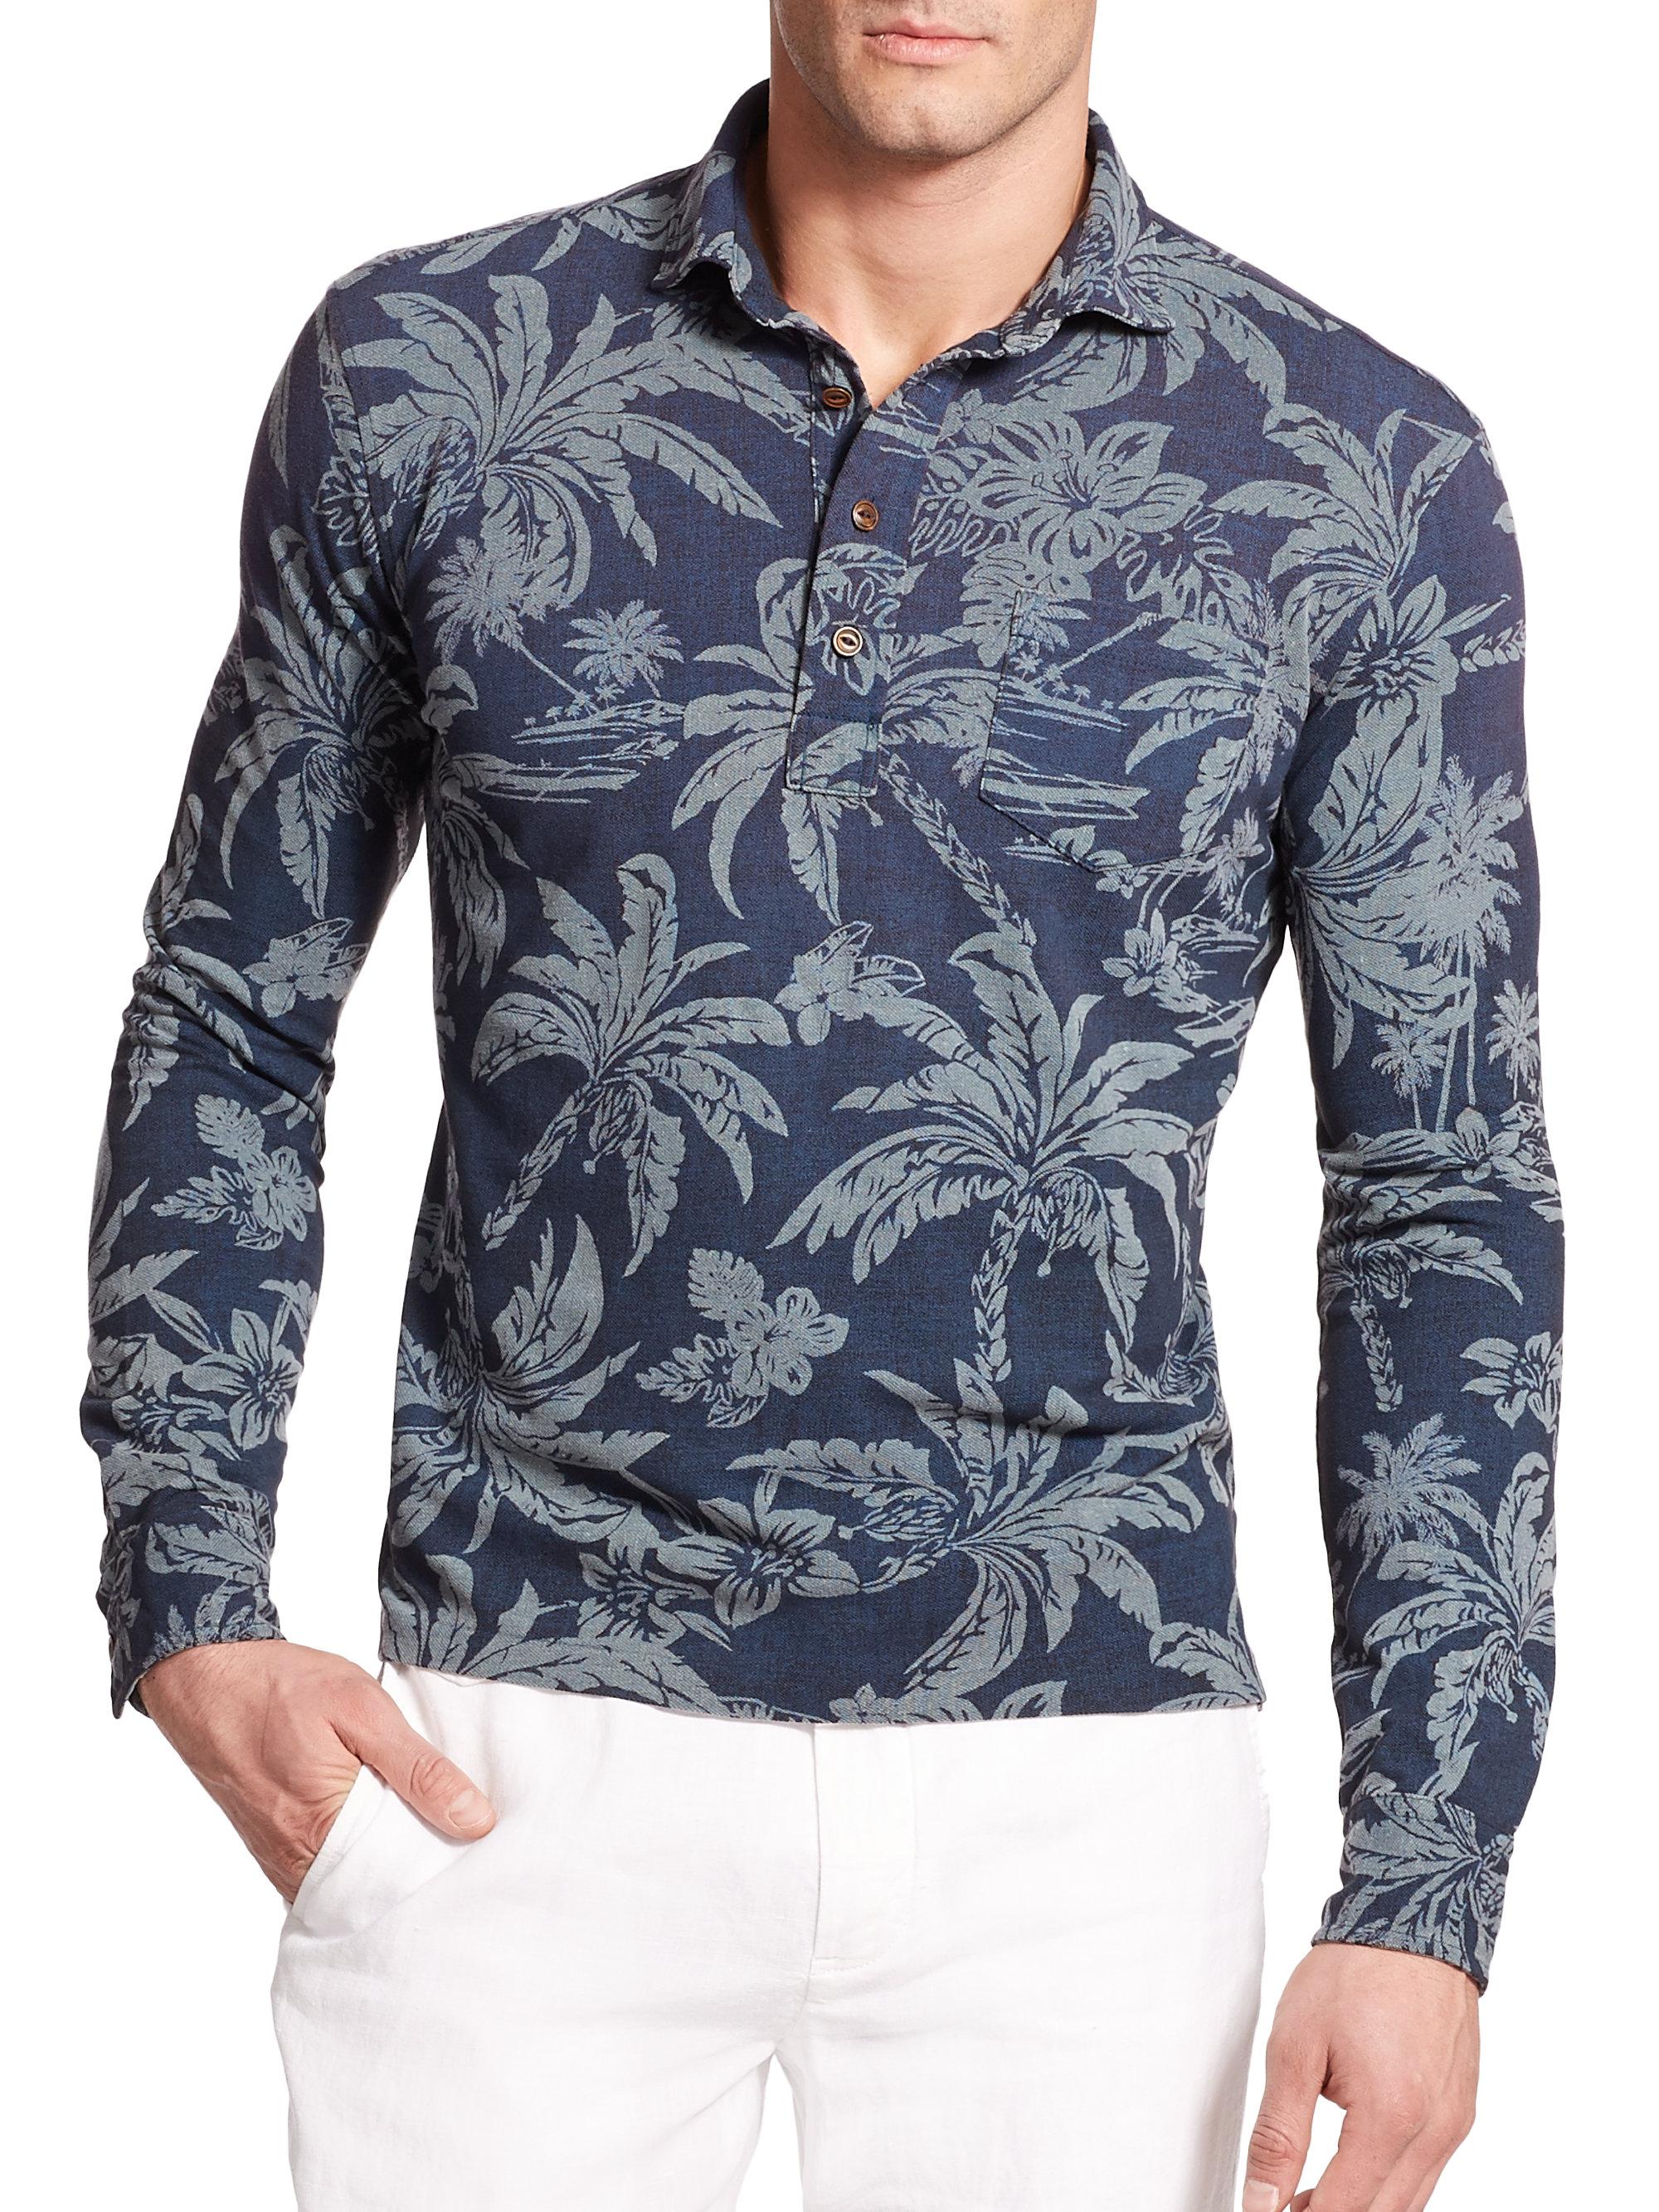 1ff722122abc ... shirts e94da 3f7bb where can i buy lyst polo ralph lauren hawaiian  print mesh estate long sleeve polo c72d7 ...